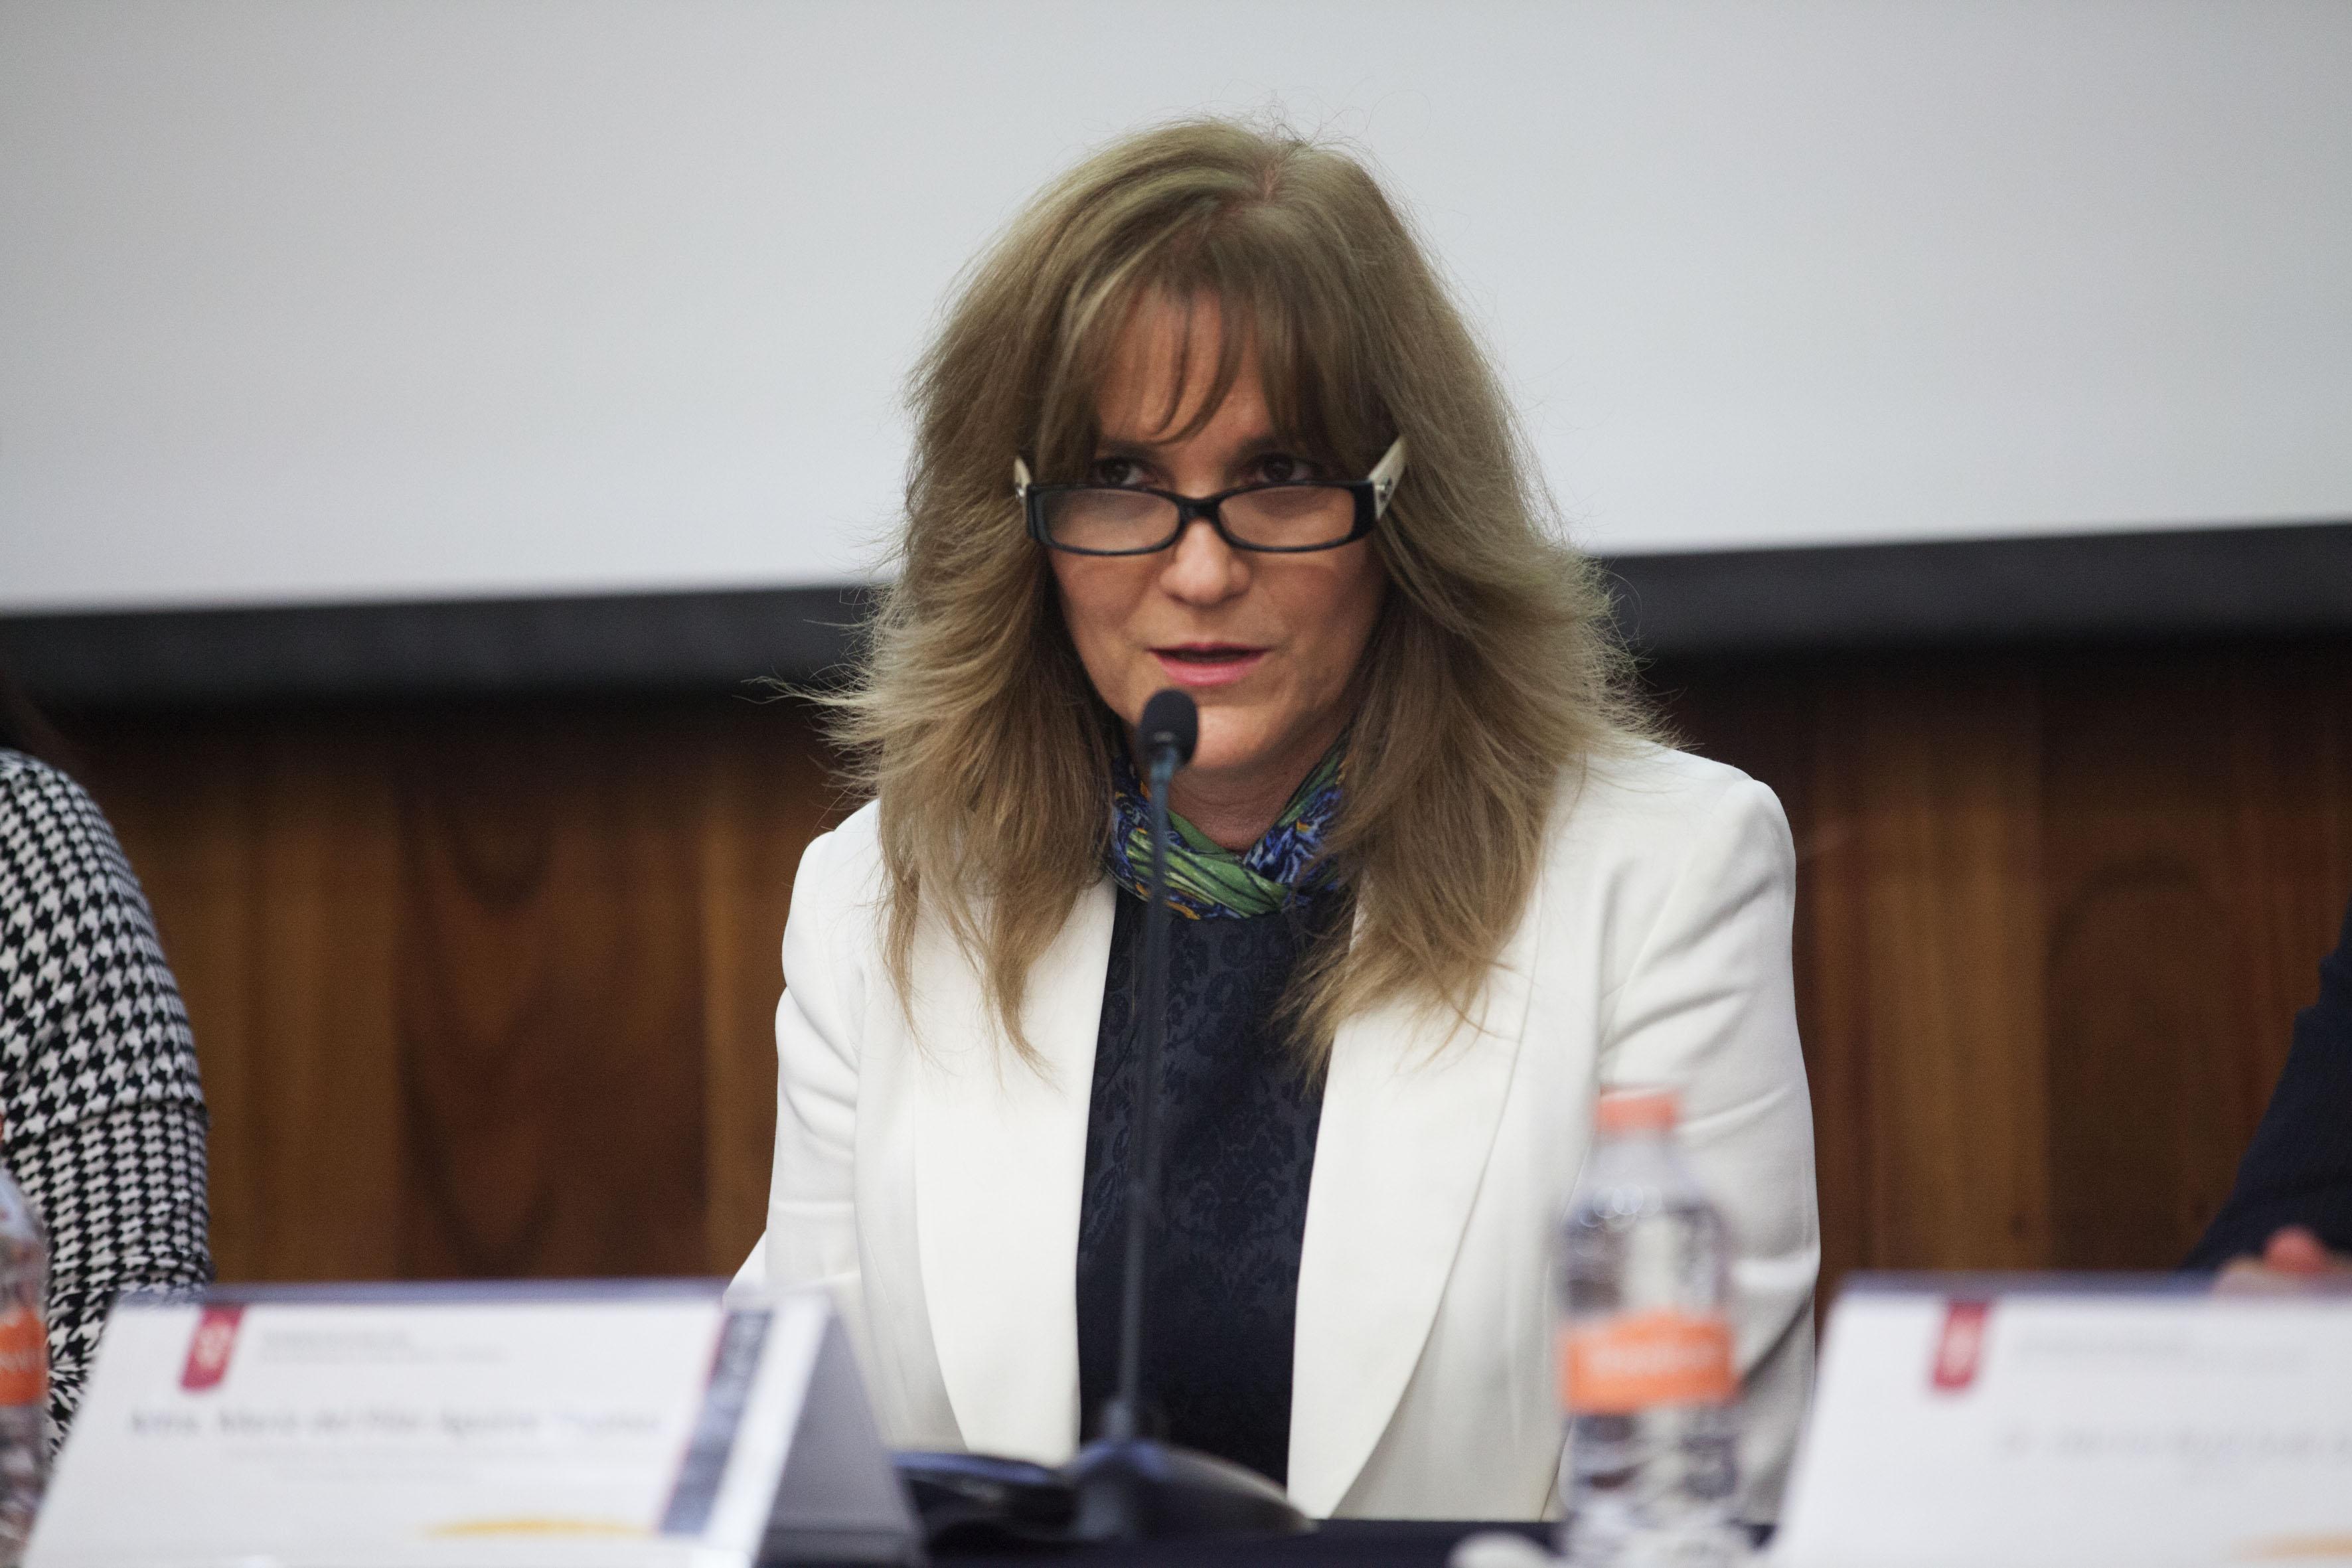 Maestra María del Pilar Aguirre, directora de Estudios Incorporados de la Universidad de Guadalajara, participando en el evento.